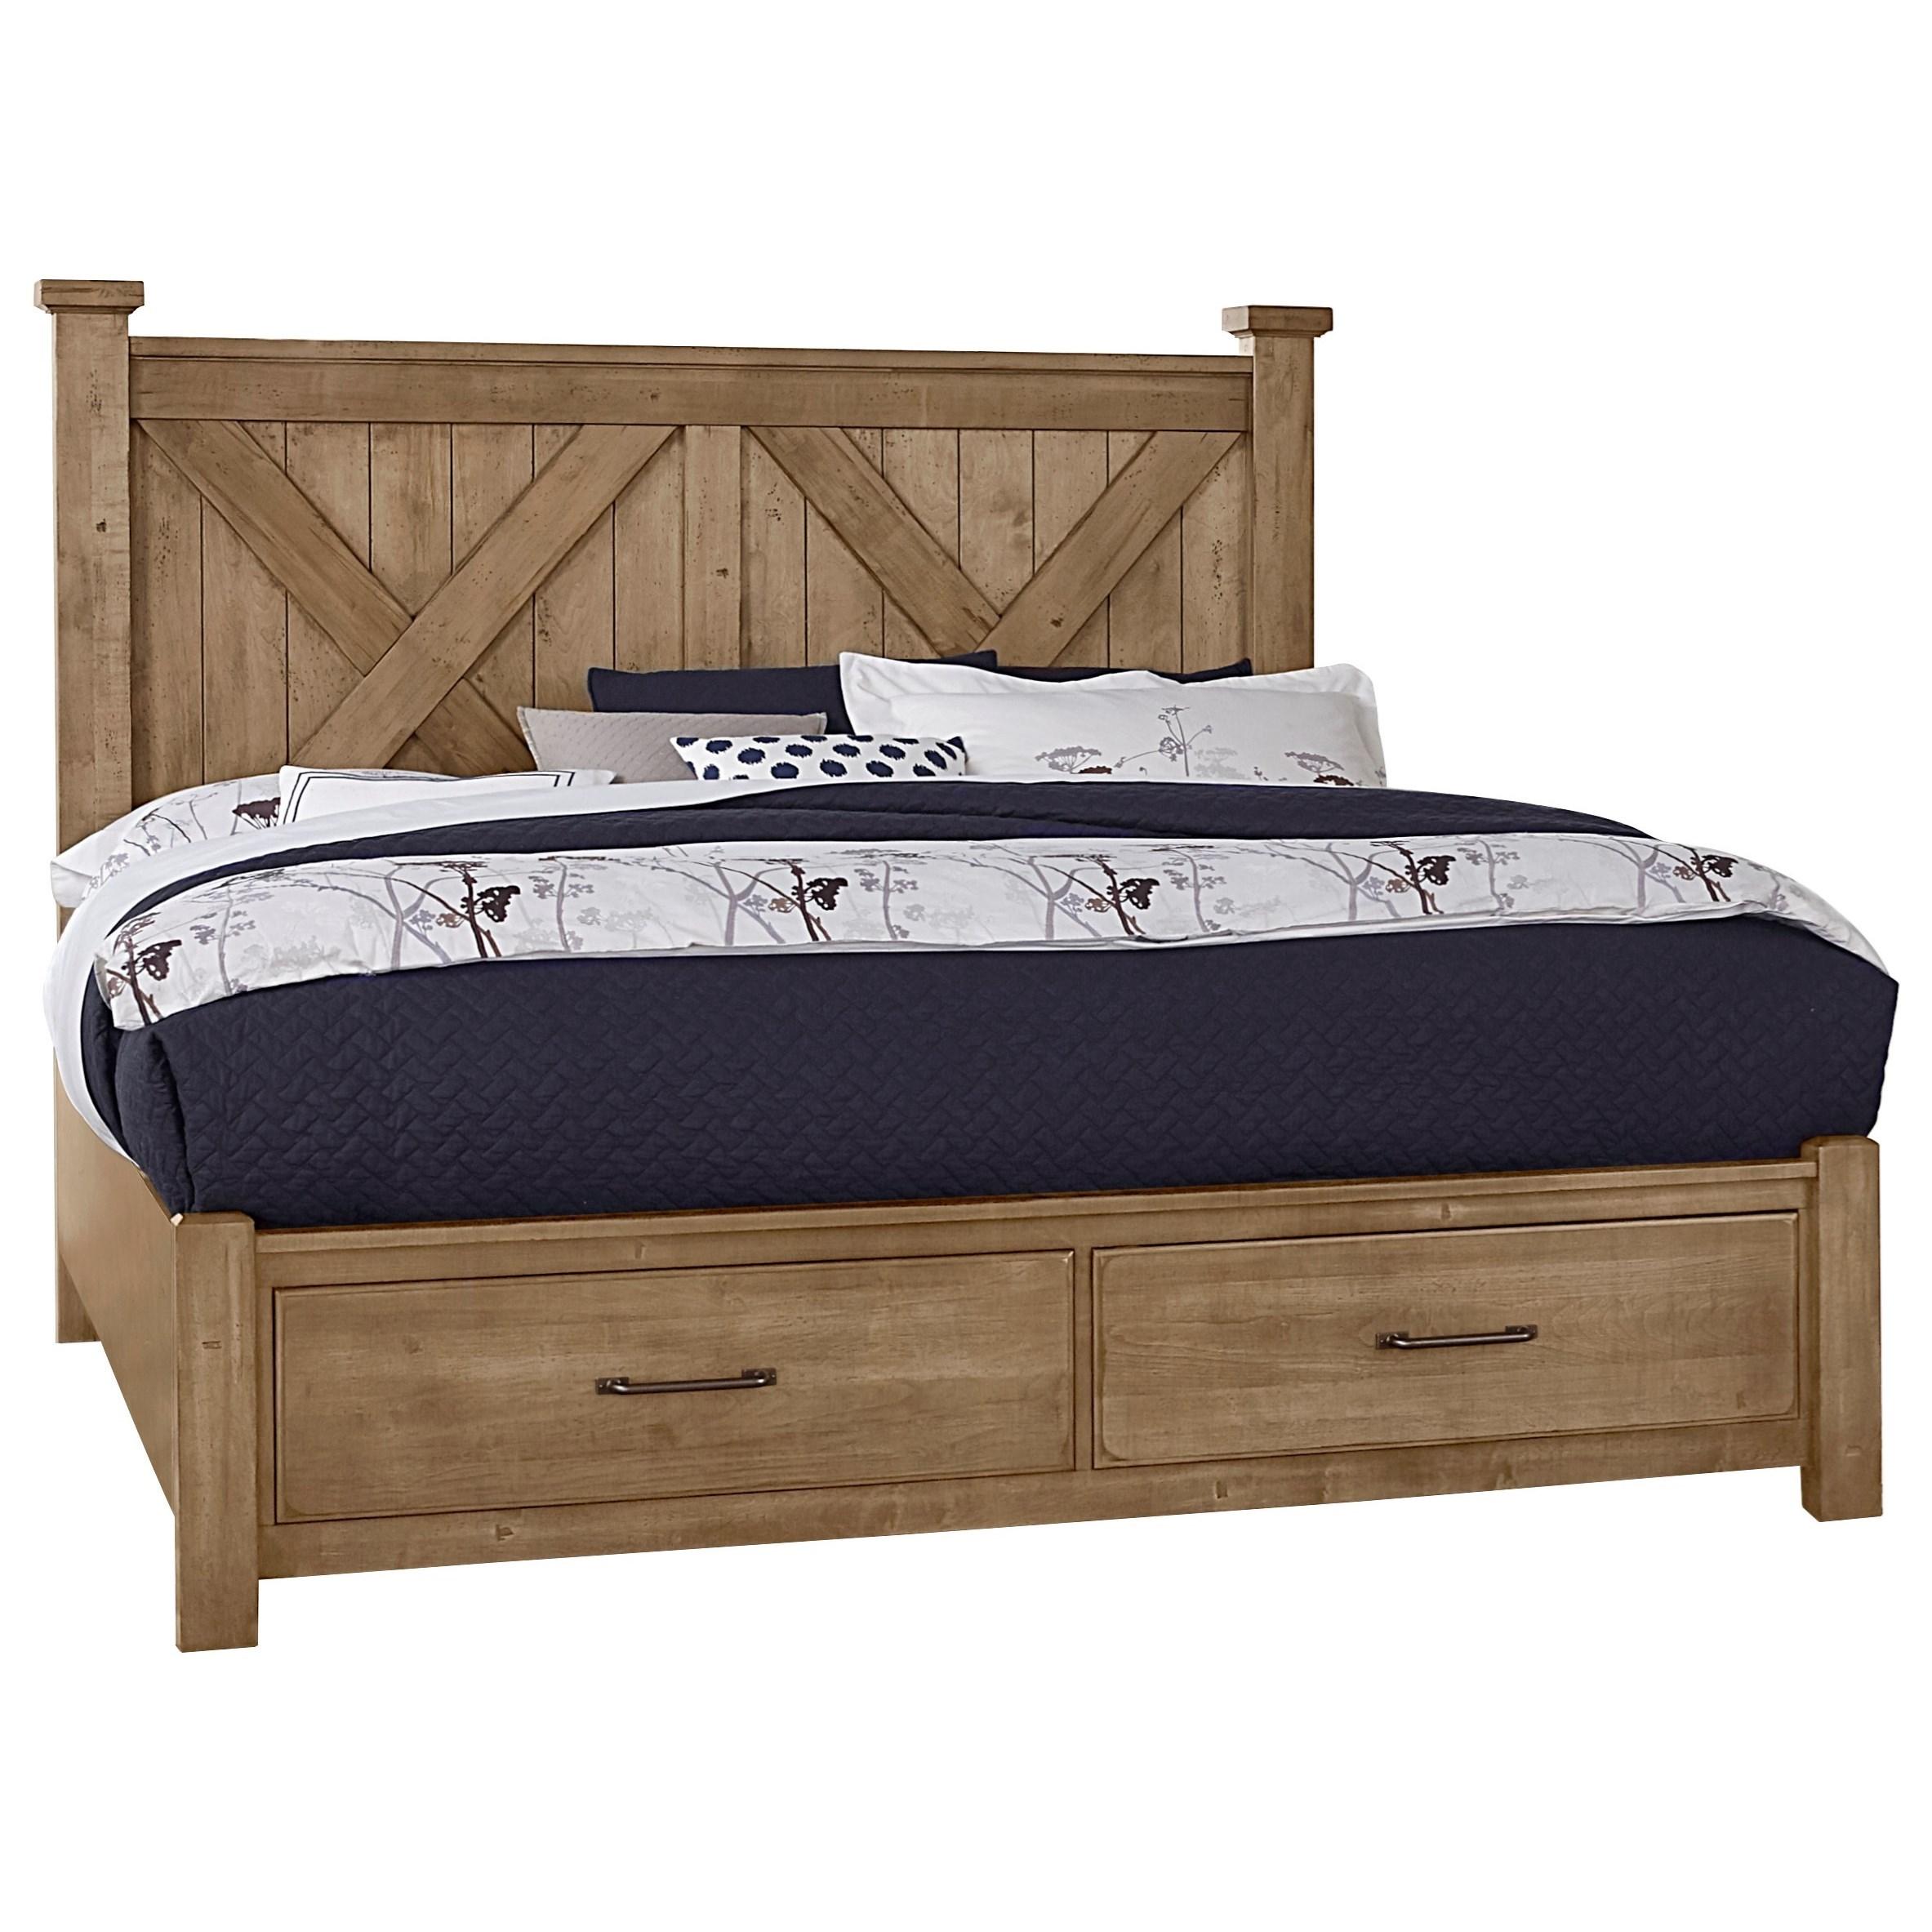 Solid Wood Queen Barndoor X Bed with Storage Footboard